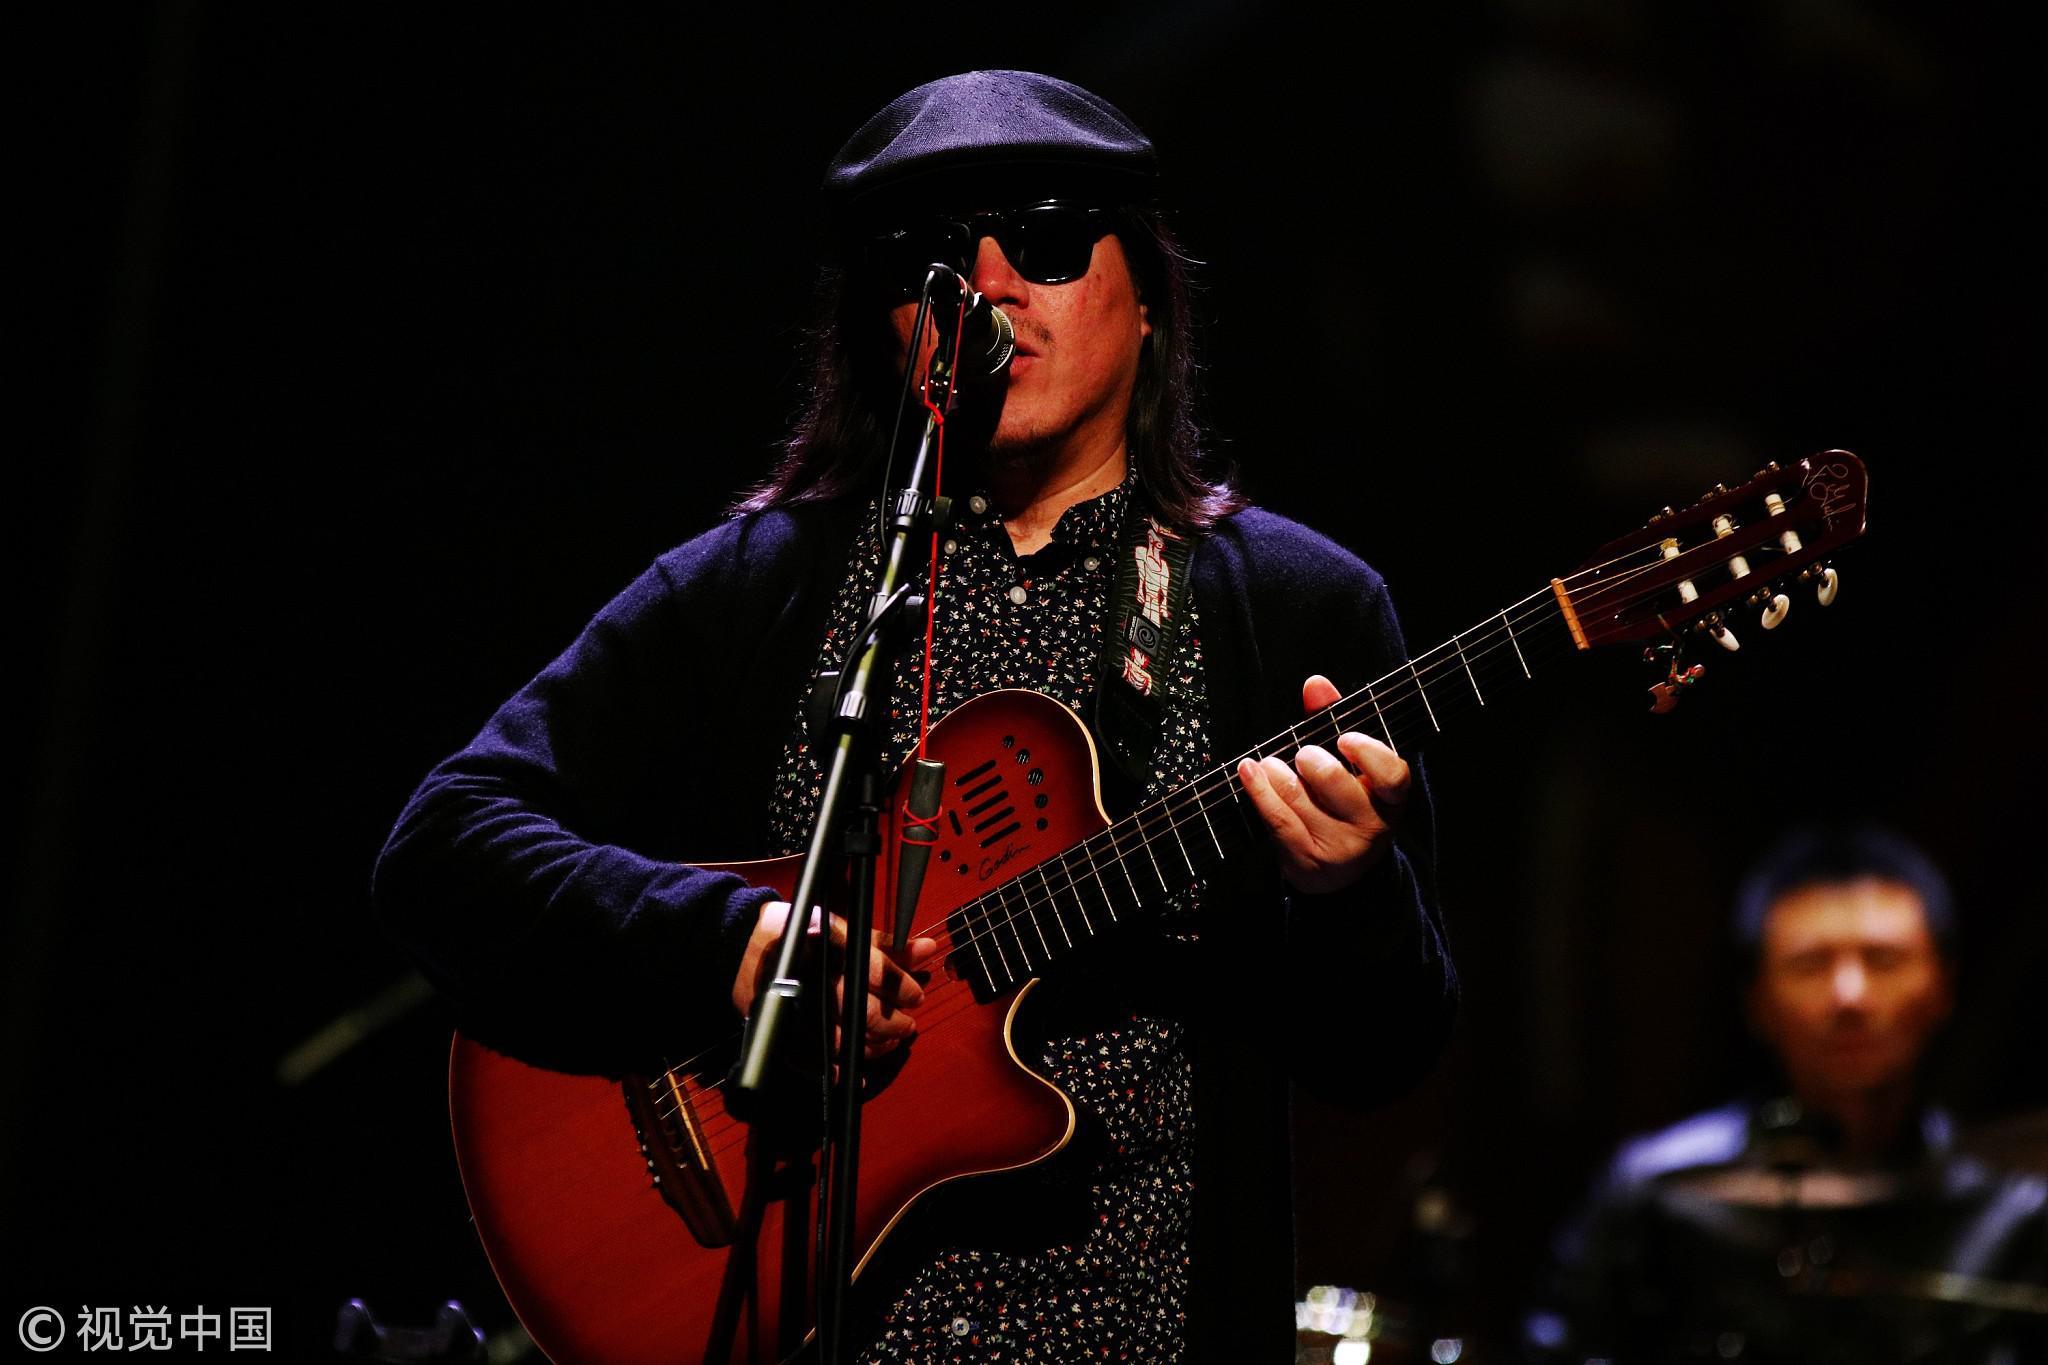 2015年11月27日,北京,盲人歌手周云蓬演出,他的代表作是《中国孩子》。/视觉中国